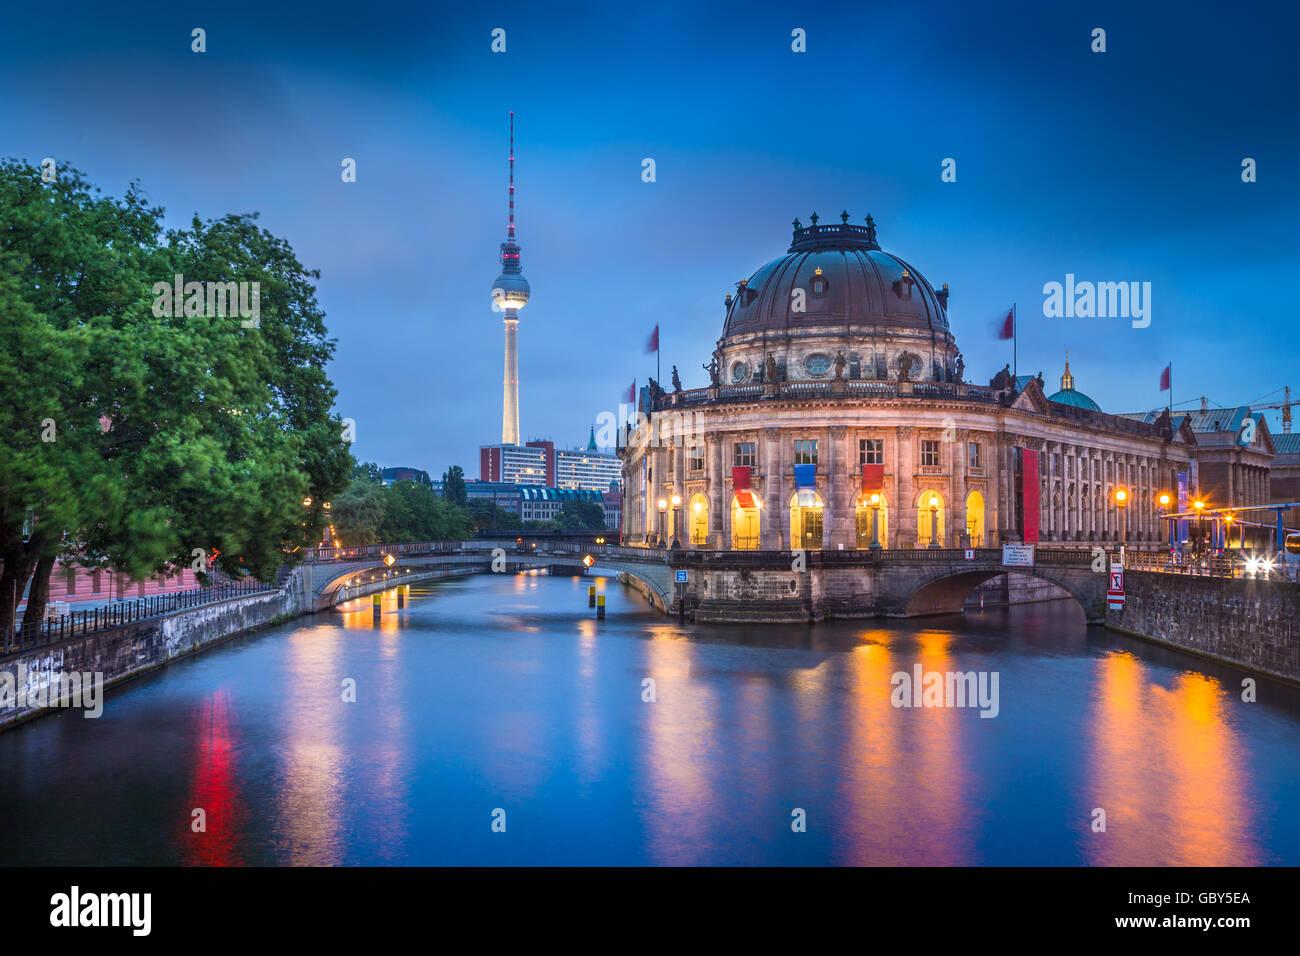 Hermosa vista de Berlín histórica Museumsinsel con la famosa torre de TV y el río Spree en penumbra Imagen De Stock